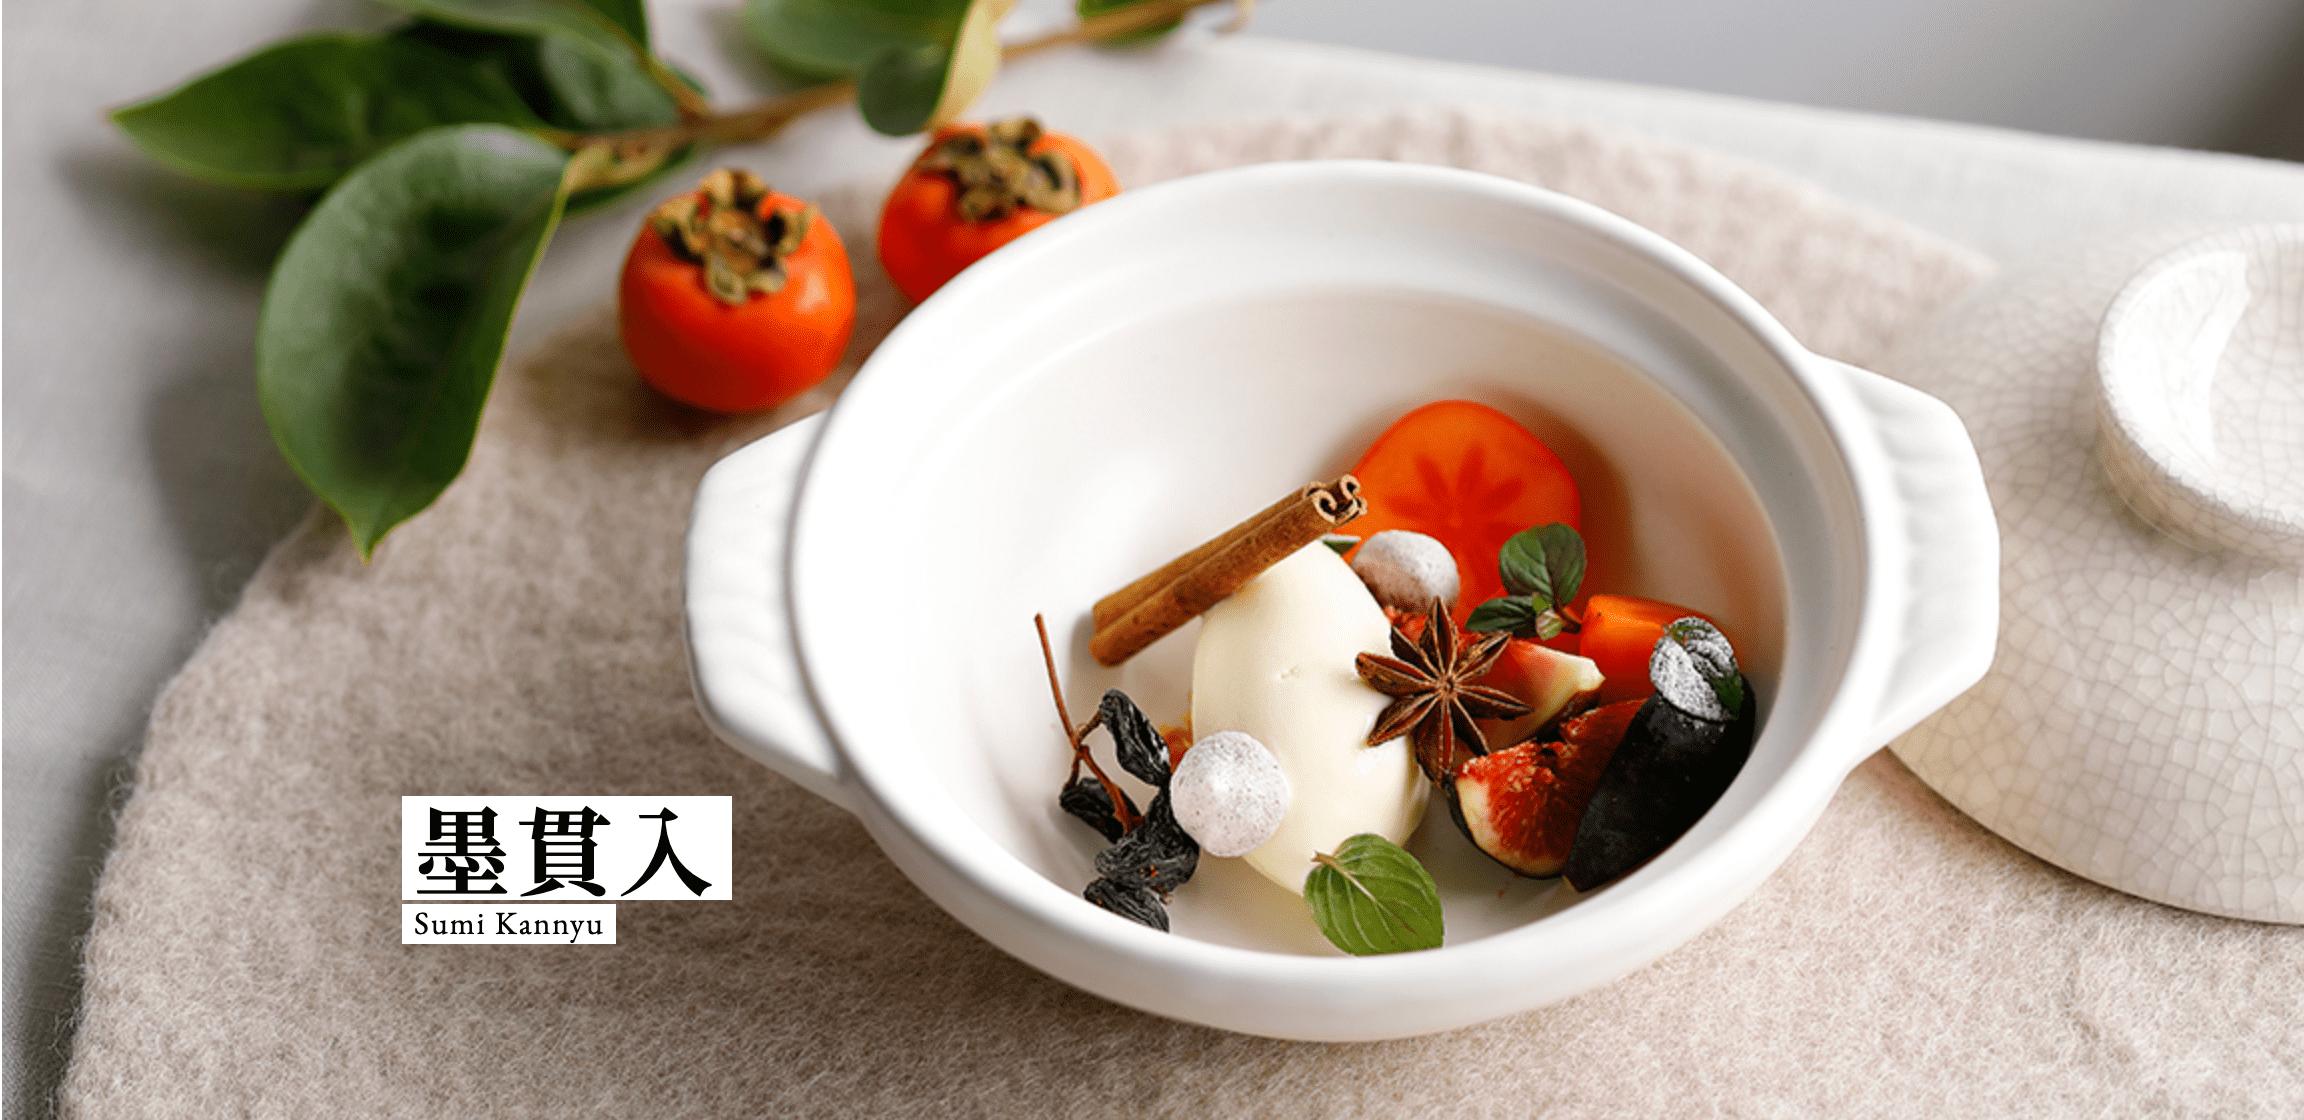 墨貫入(銀峯陶器)